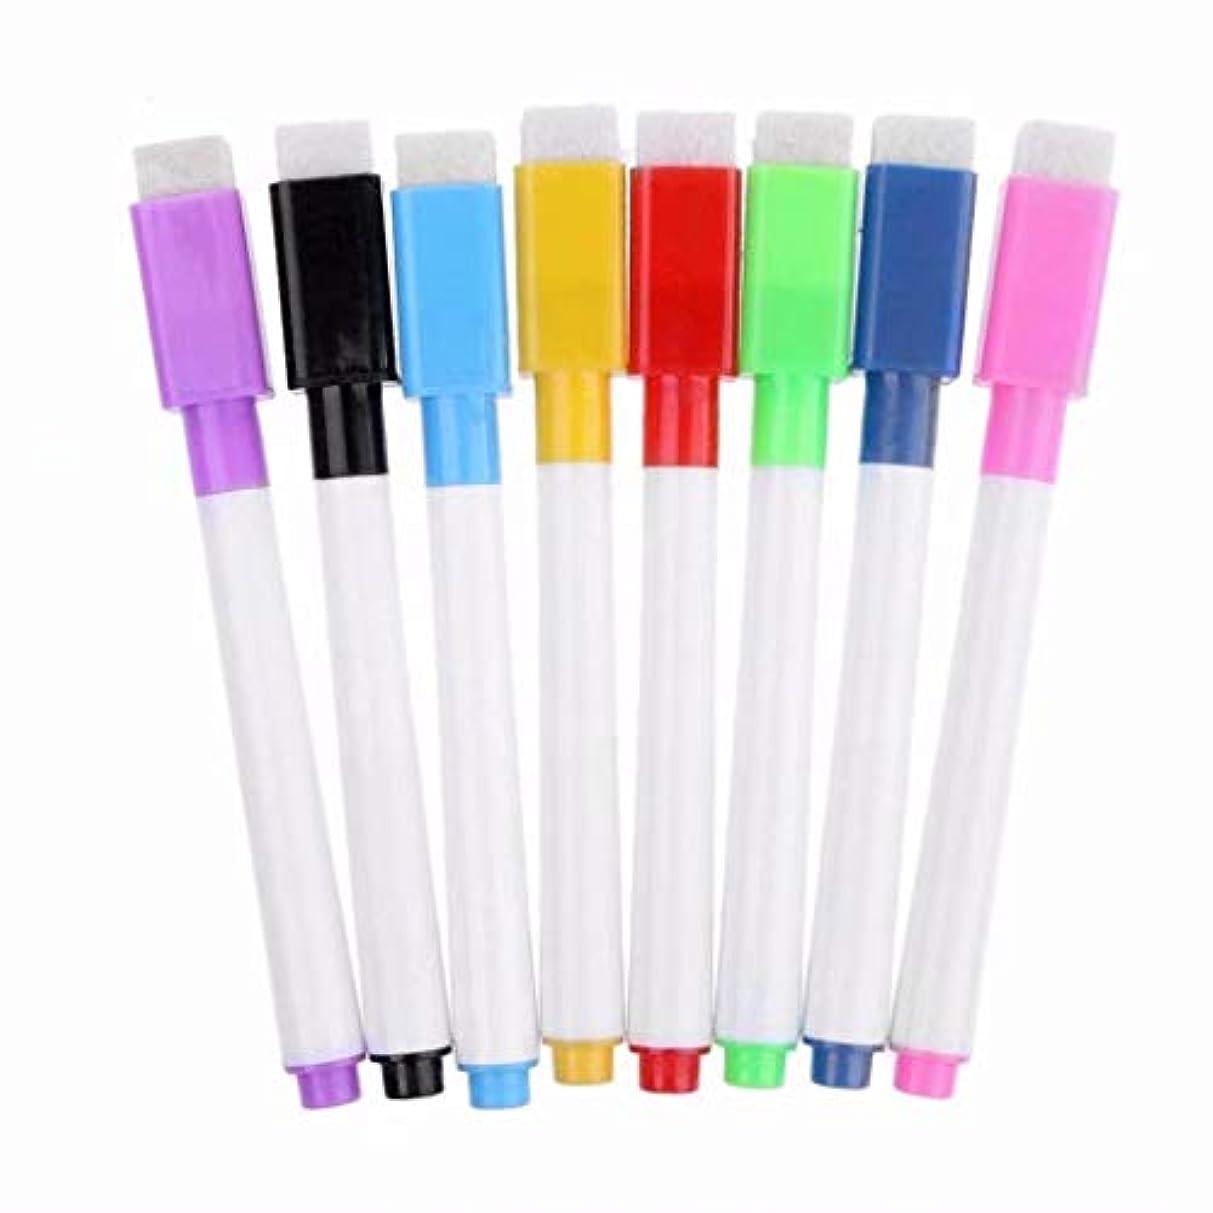 リスク羊合成七里の香 磁気ホワイトボードペン消去可能なドライホワイトボードマーカーマグネットは、 イレーザー 学校教育事務用品 8個セット